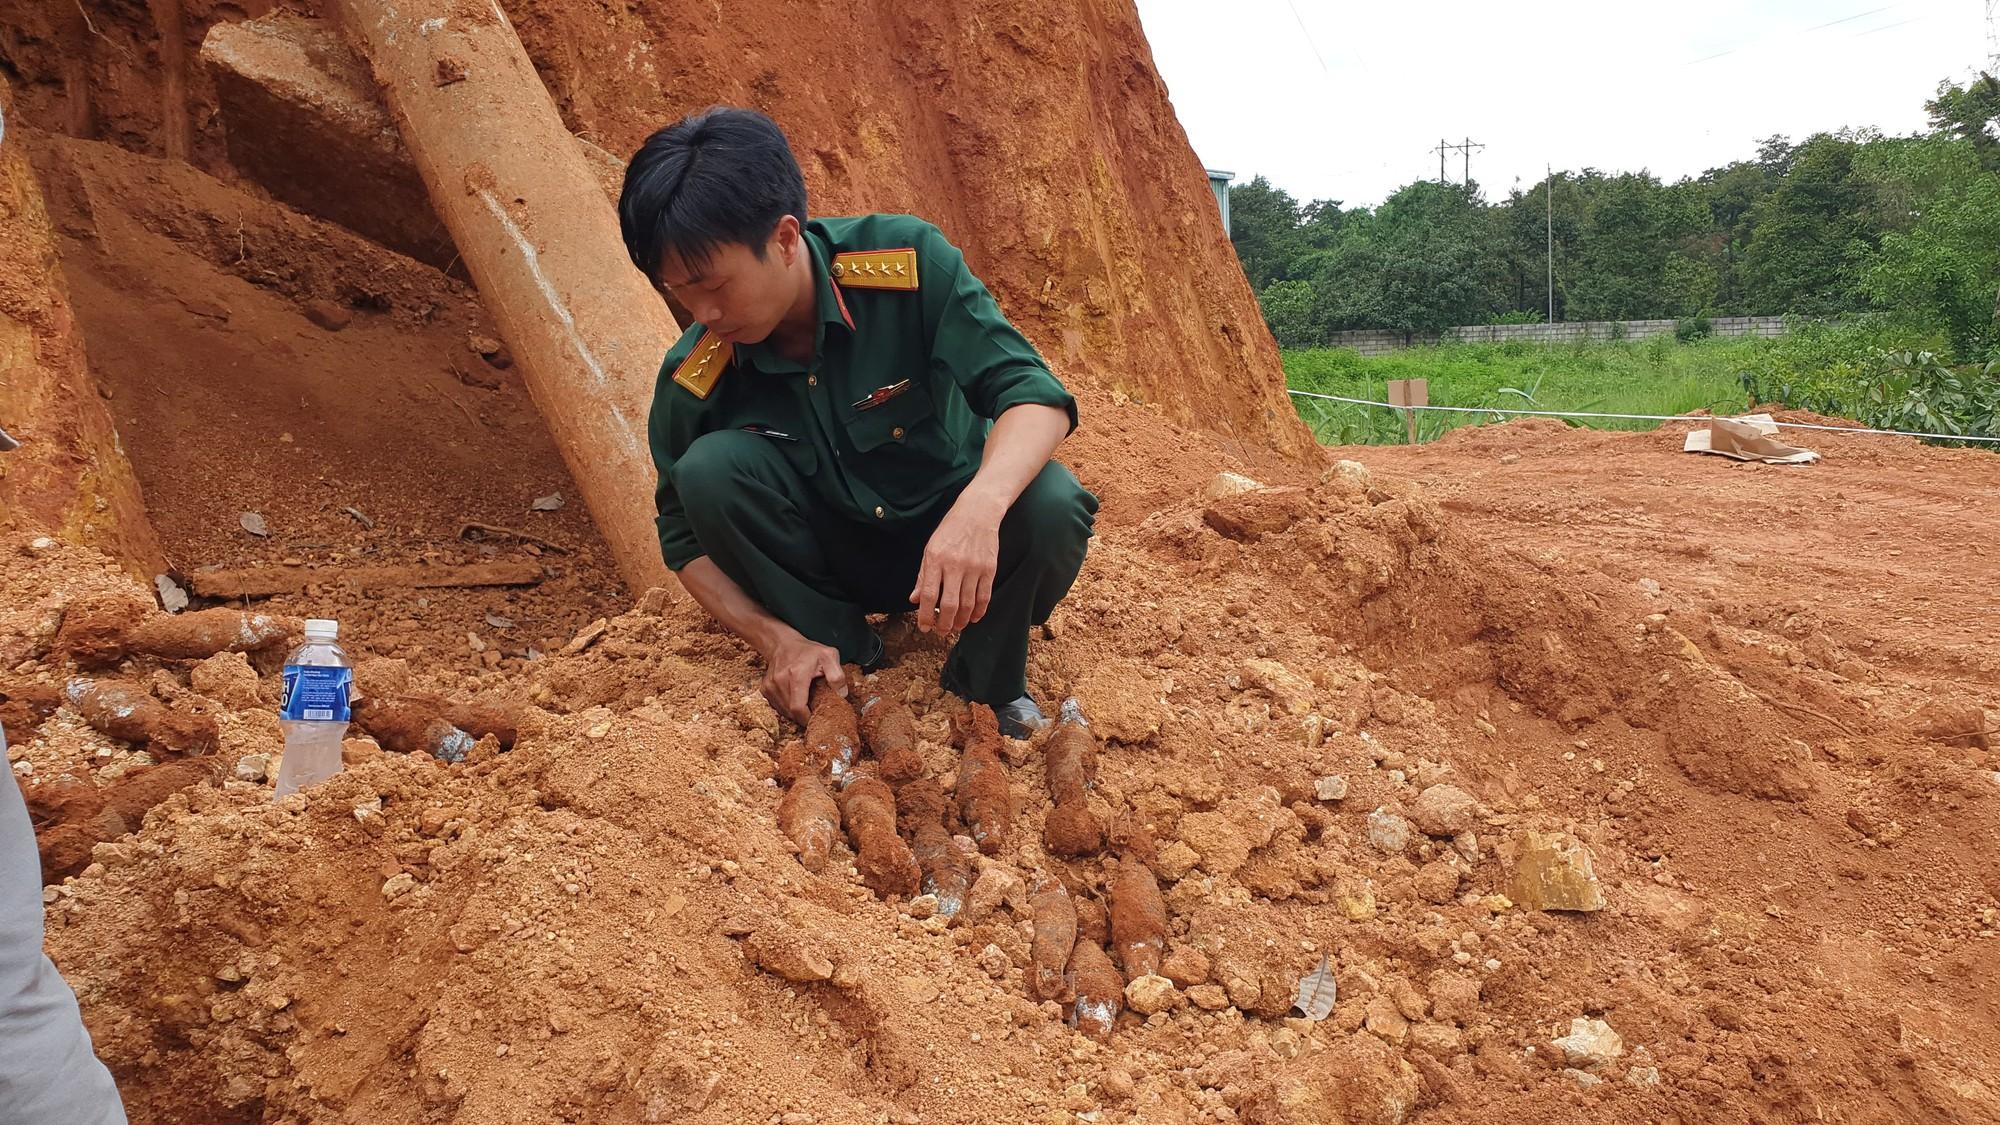 4 giờ căng thẳng tháo gỡ thành công 80 quả đạn cối dưới chân đèo Bảo Lộc - Ảnh 2.